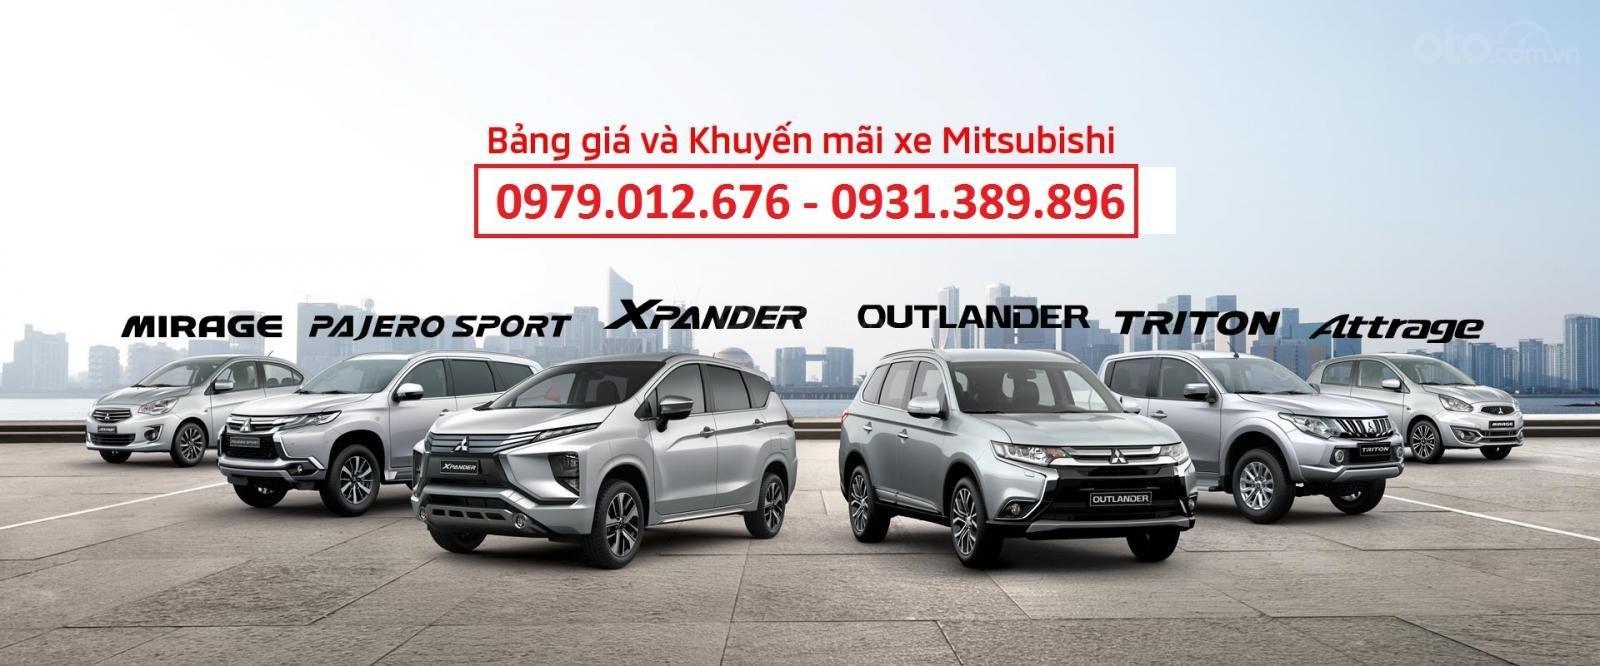 Giá xe Mitsubishi Triton 2019 tại Nghệ An - Hà Tĩnh, hotline 0979.012.676-0